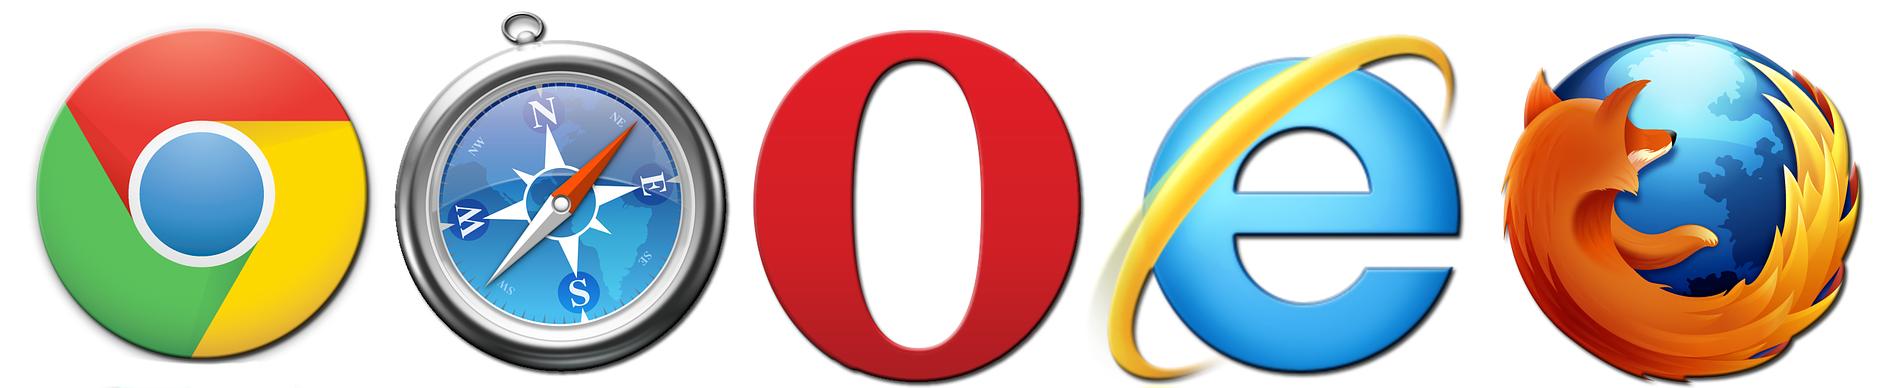 referencement google, SEO, référencement, visibilité internet, visibilité web, visibilité boutiques